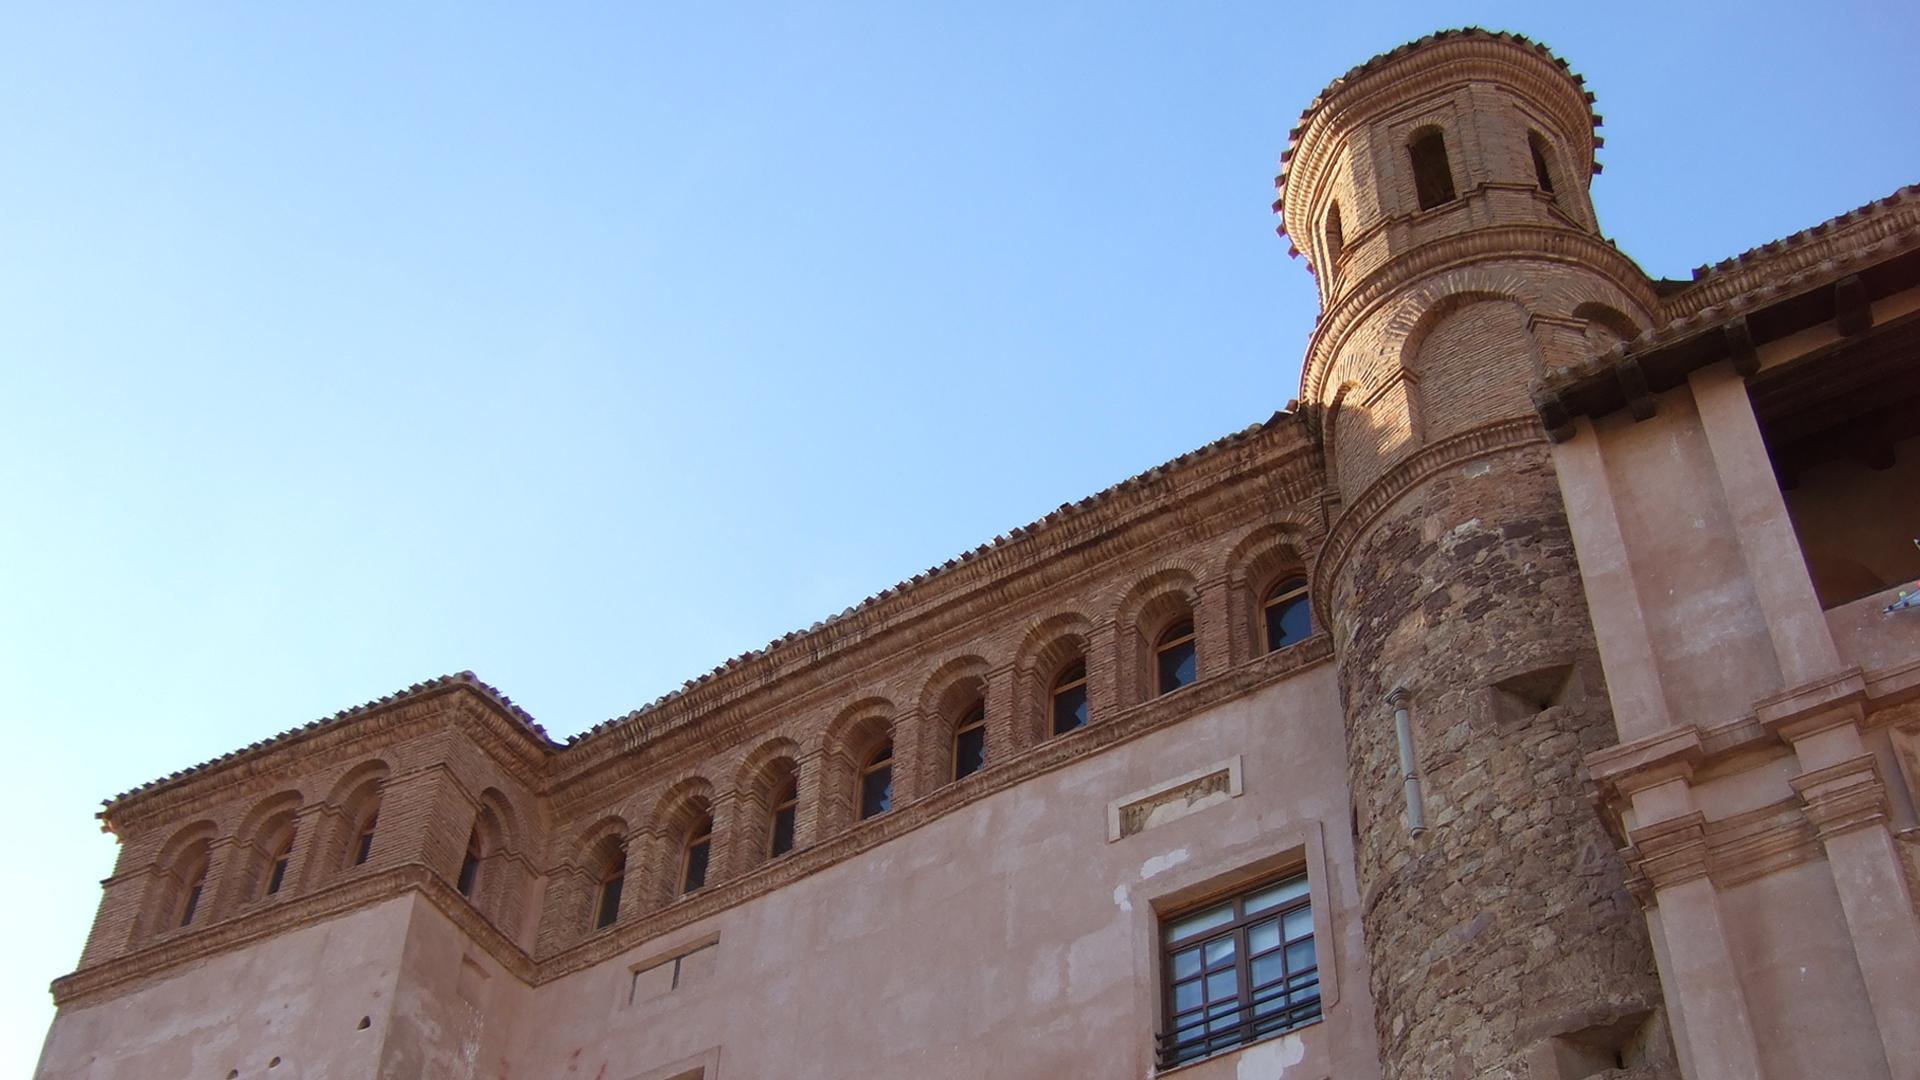 https://www.marivella.com/wp-content/uploads/2016/12/palacio-de-los-luna-2.jpg